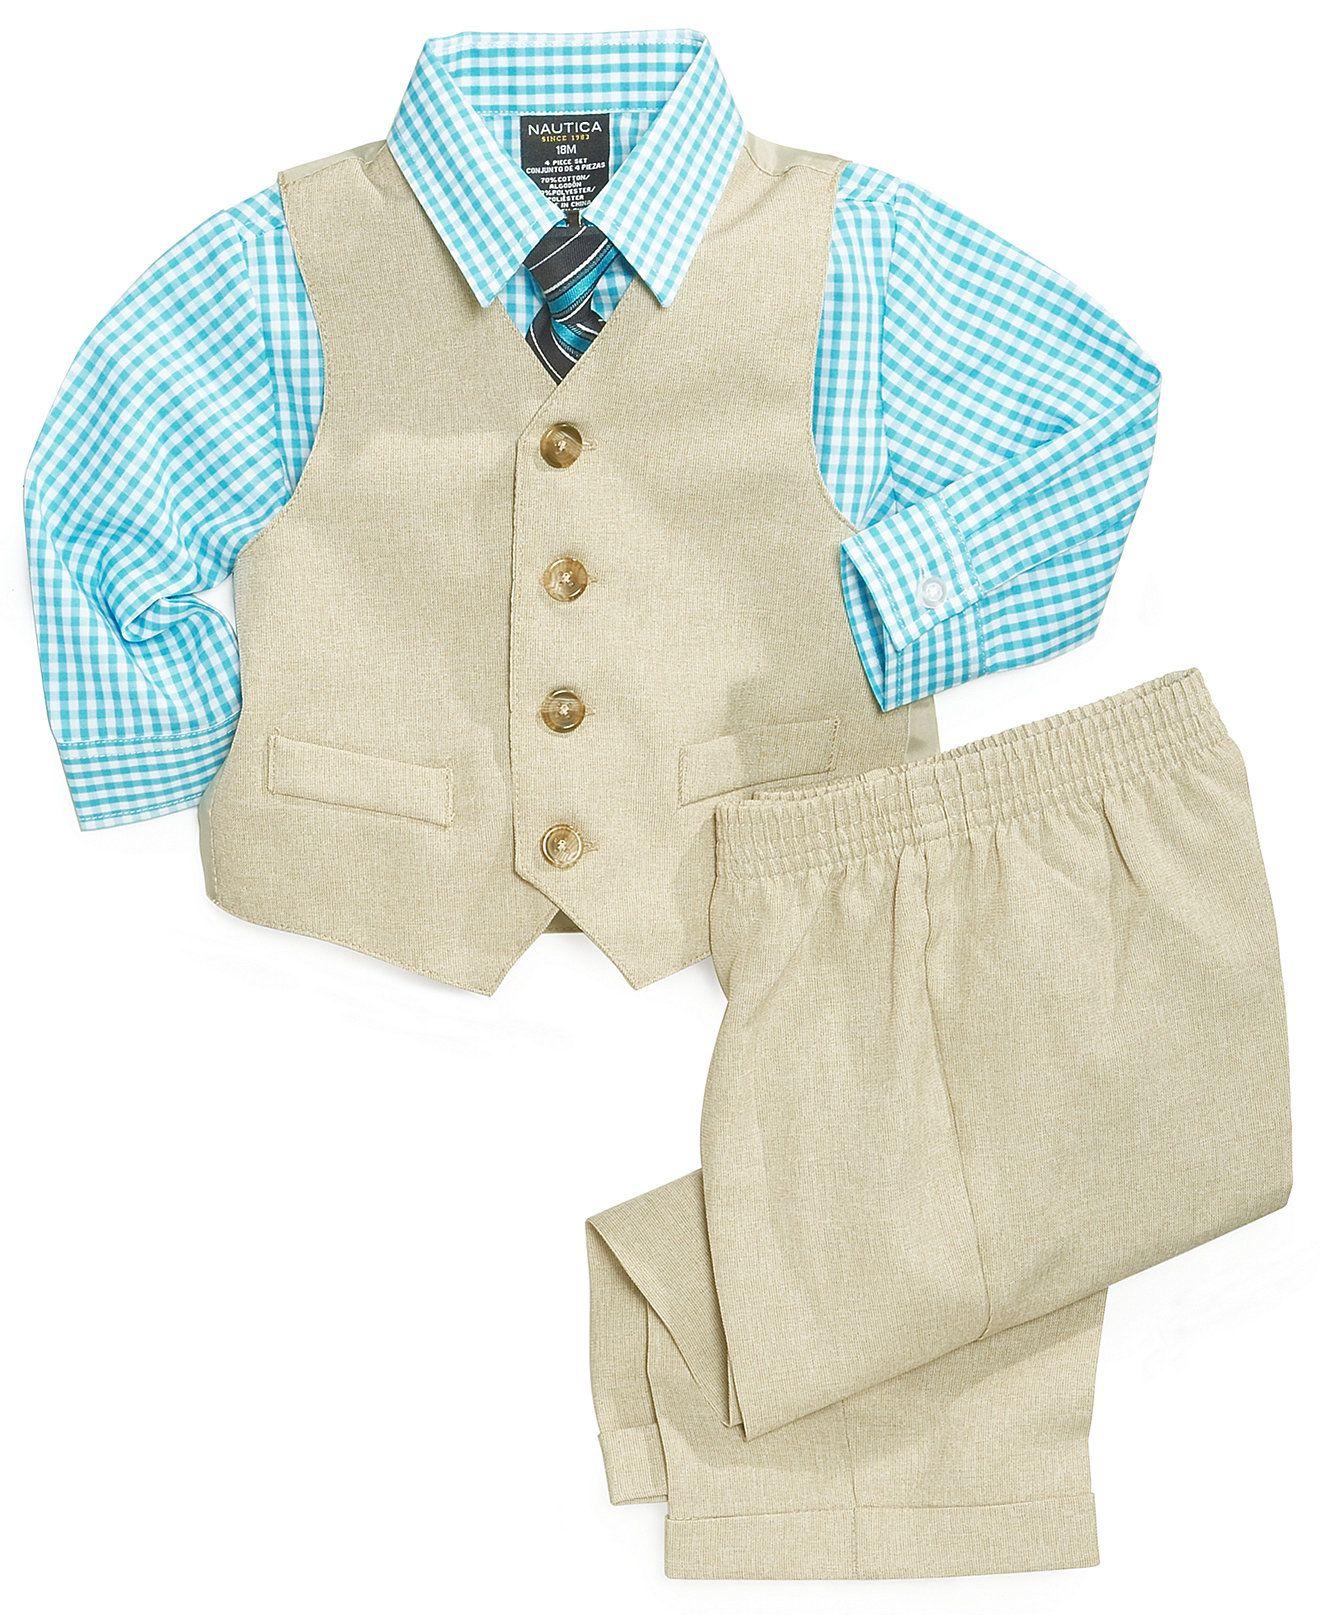 20ba8d70bed1 Nautica Baby Boys  4-Piece Suit Set - Kids Suits   Dress Shirts ...